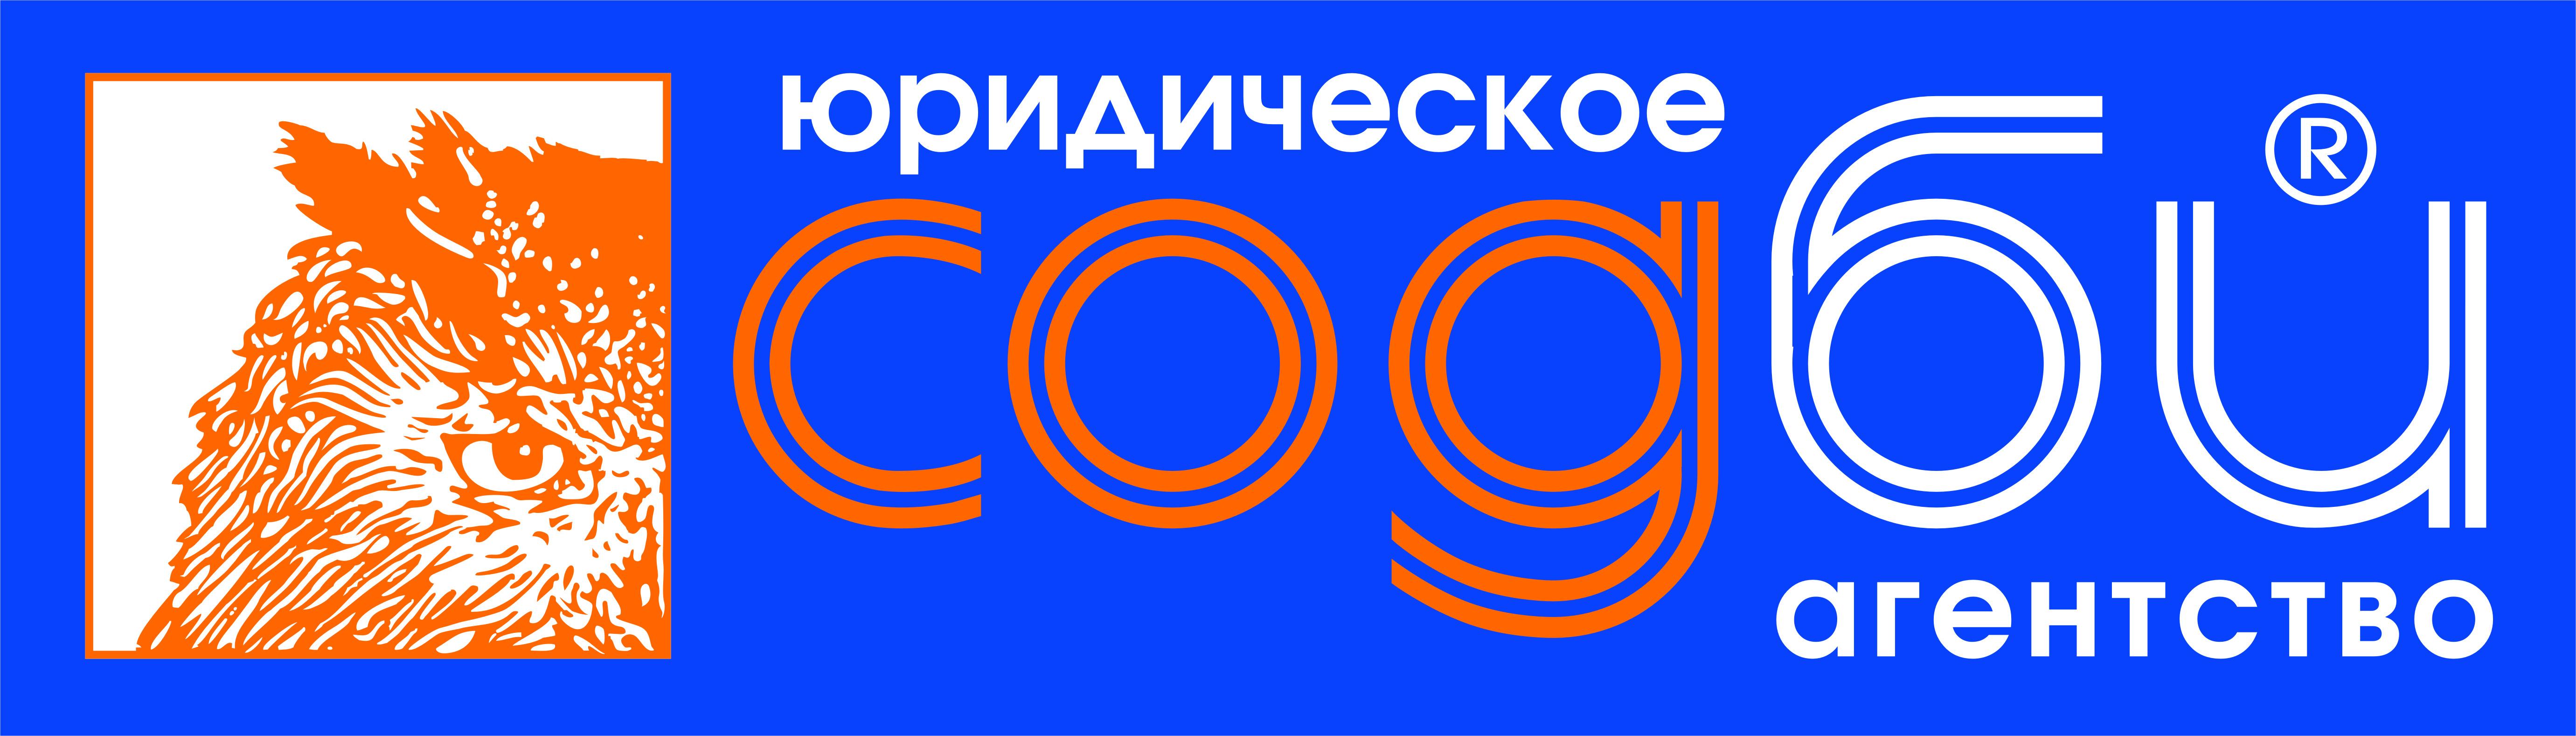 Юридическое агентство СОДБИ